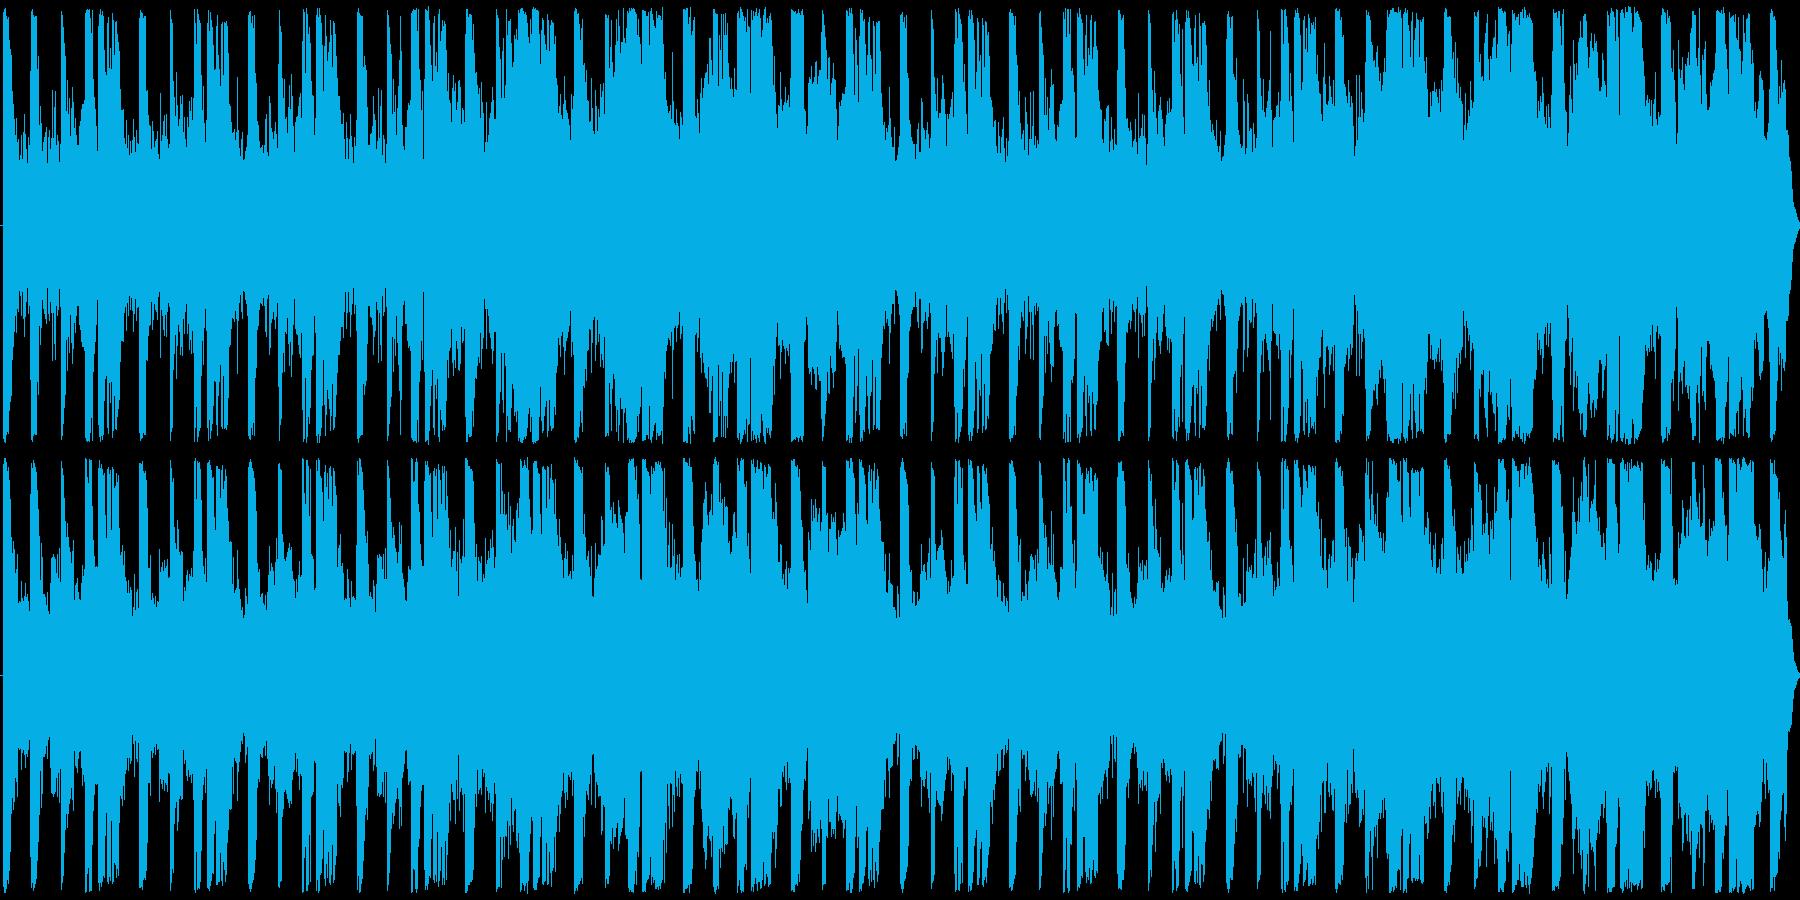 オープニングBGM_ドラマサントラ風の再生済みの波形